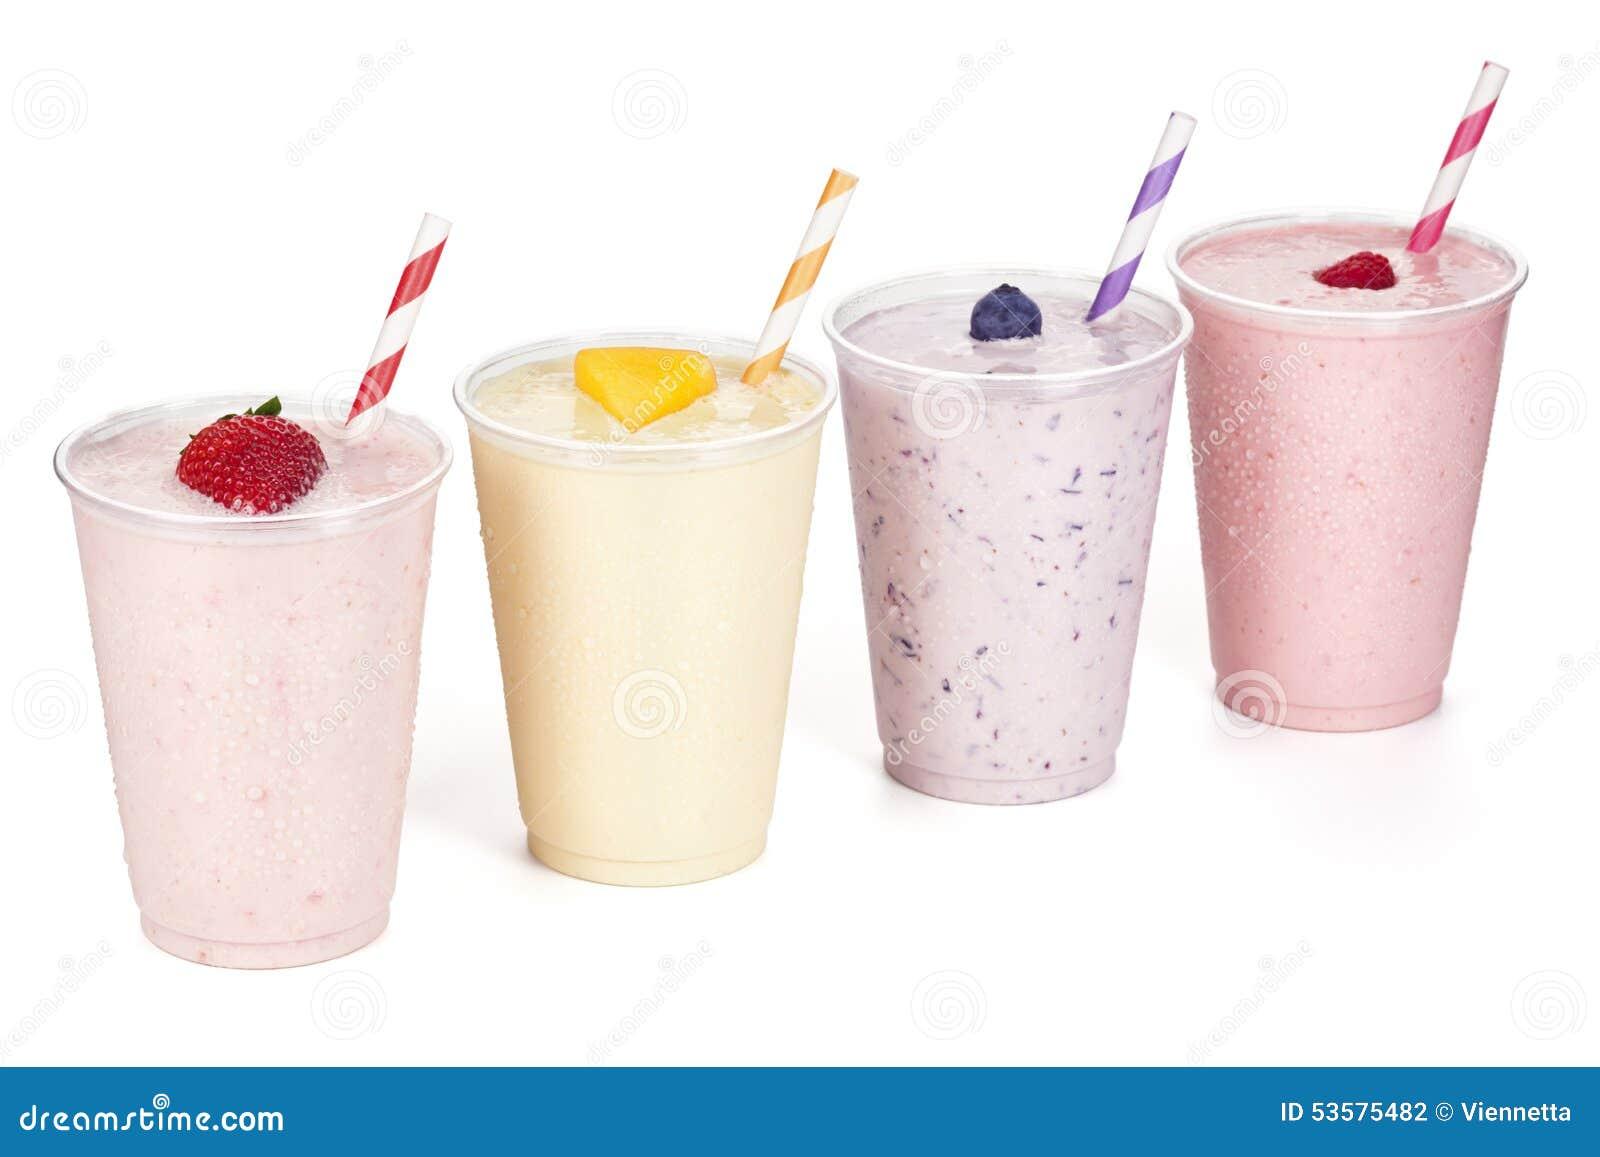 fruit veggie smoothie yogurt fruit dip